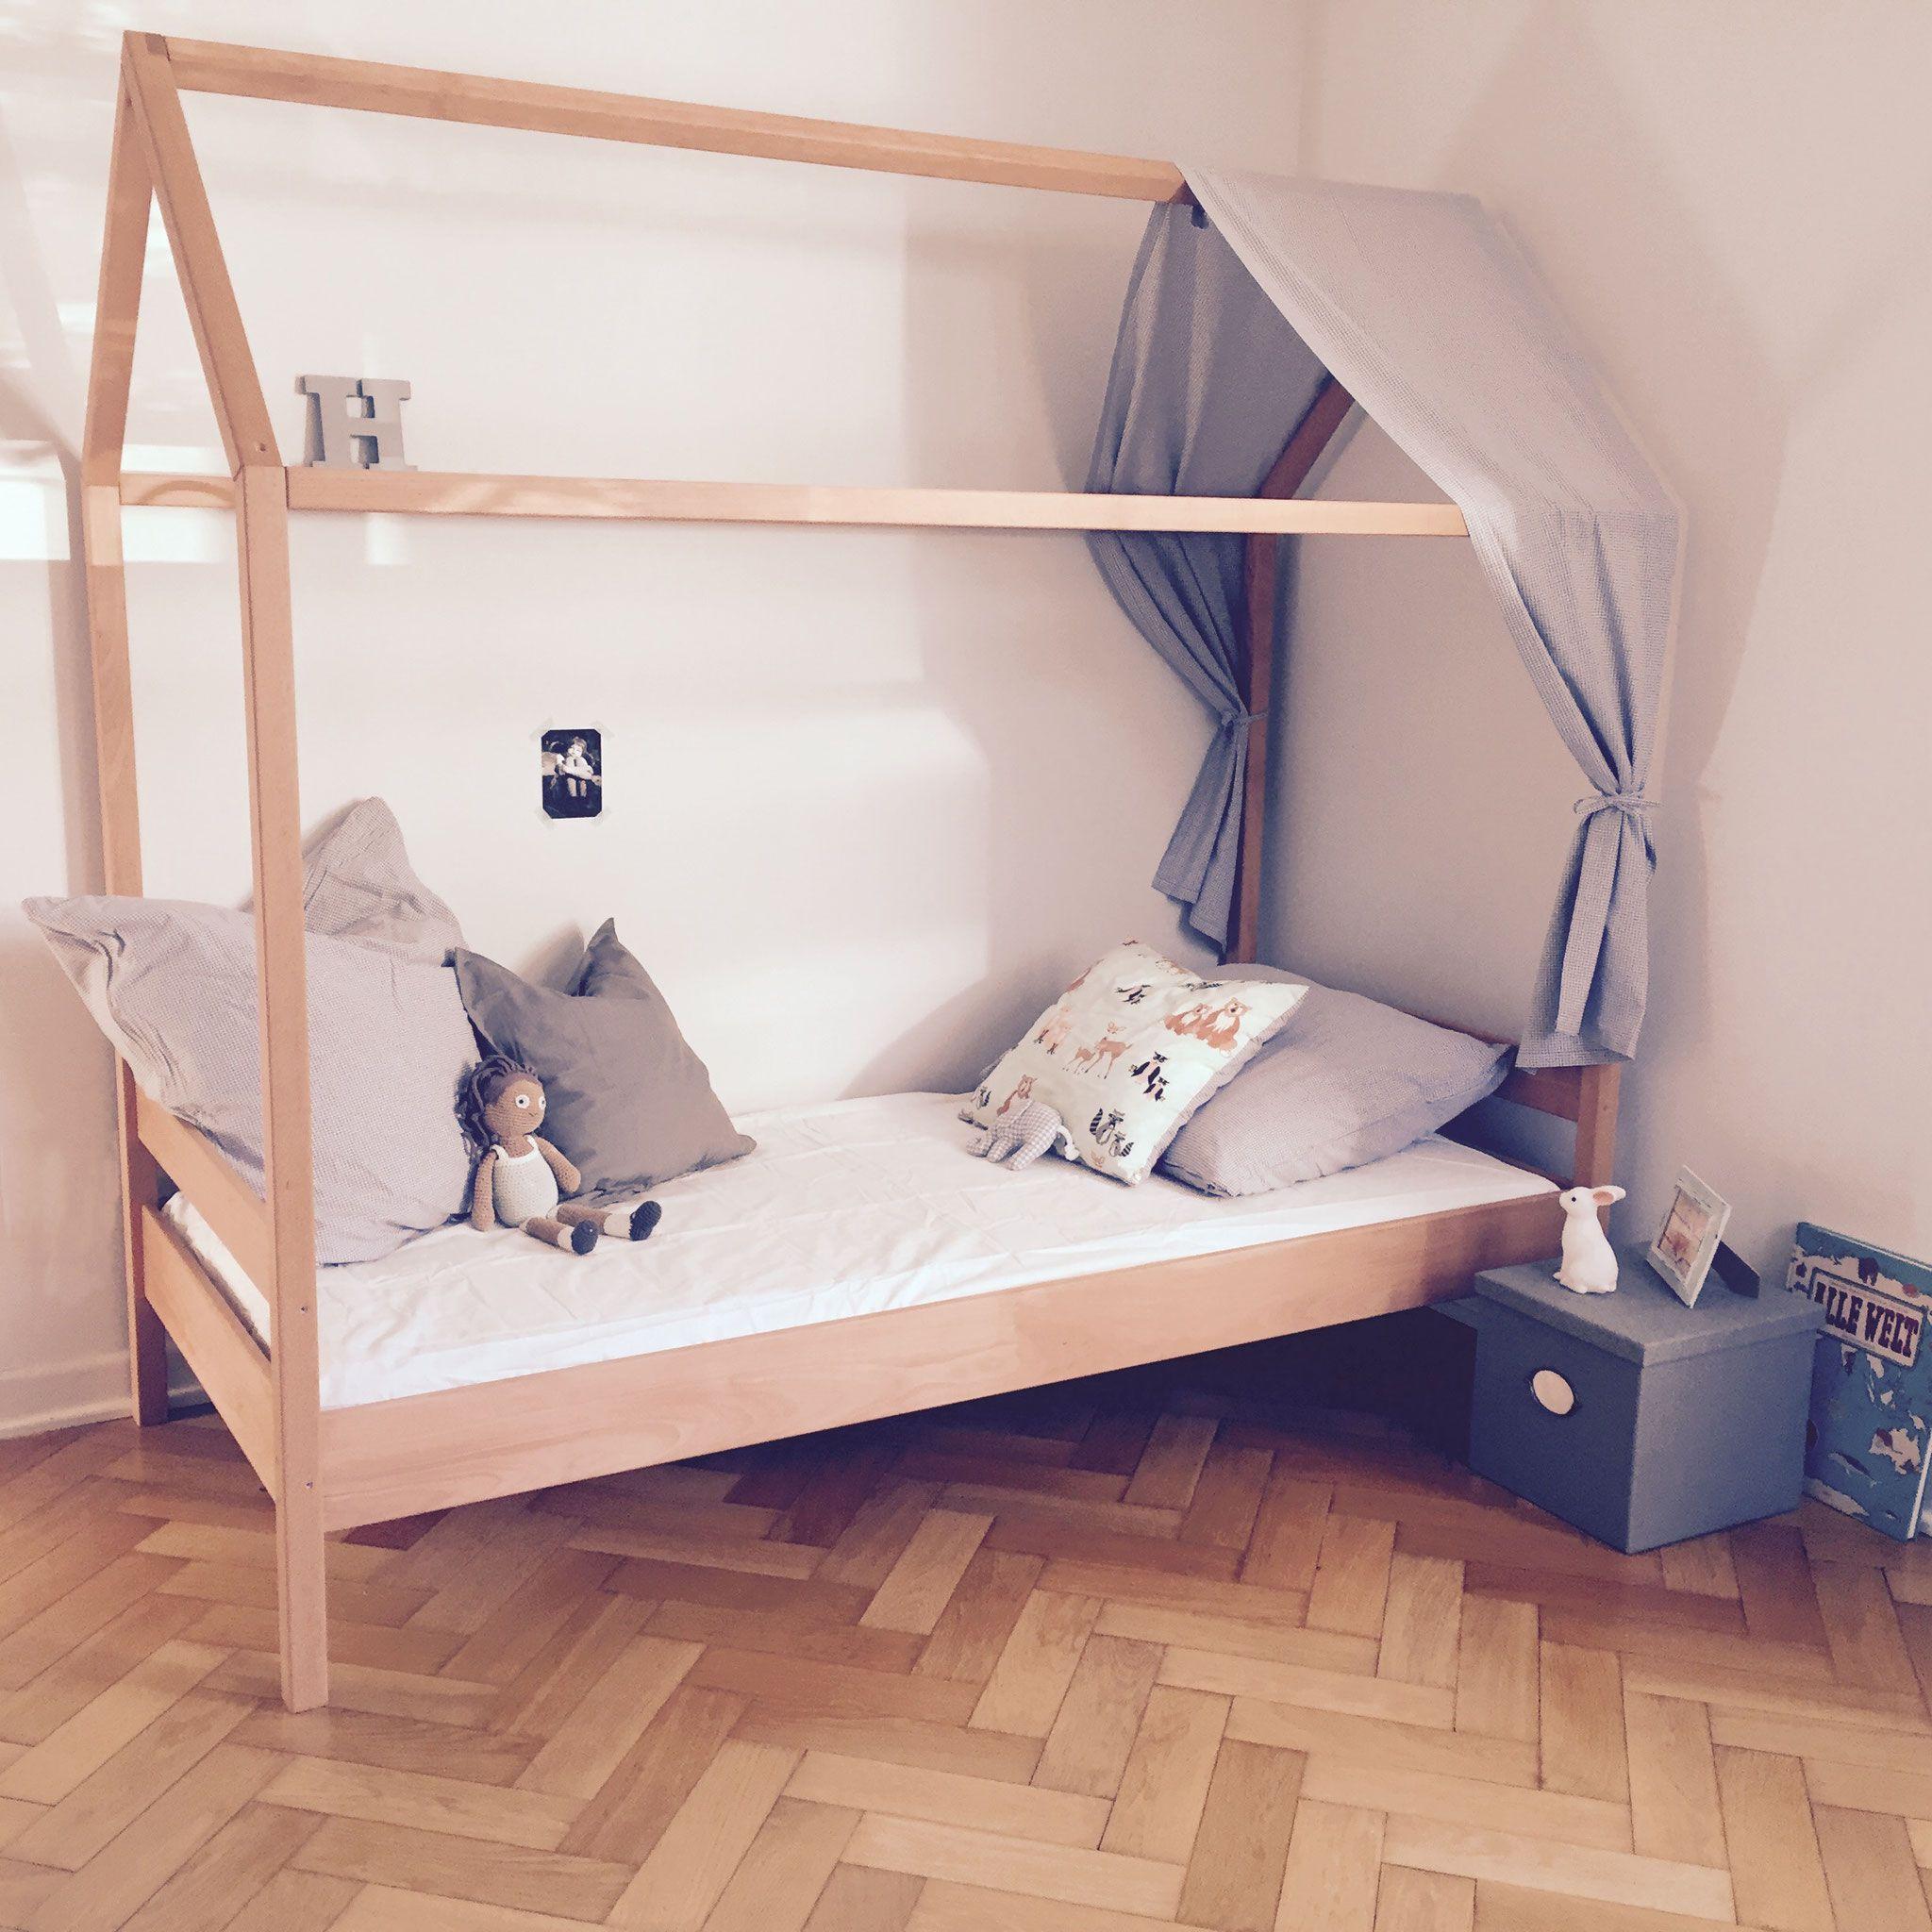 Kinderbett haus 90x200 cm von kindken massivholz buche for Kinderbett massivholz 90x200